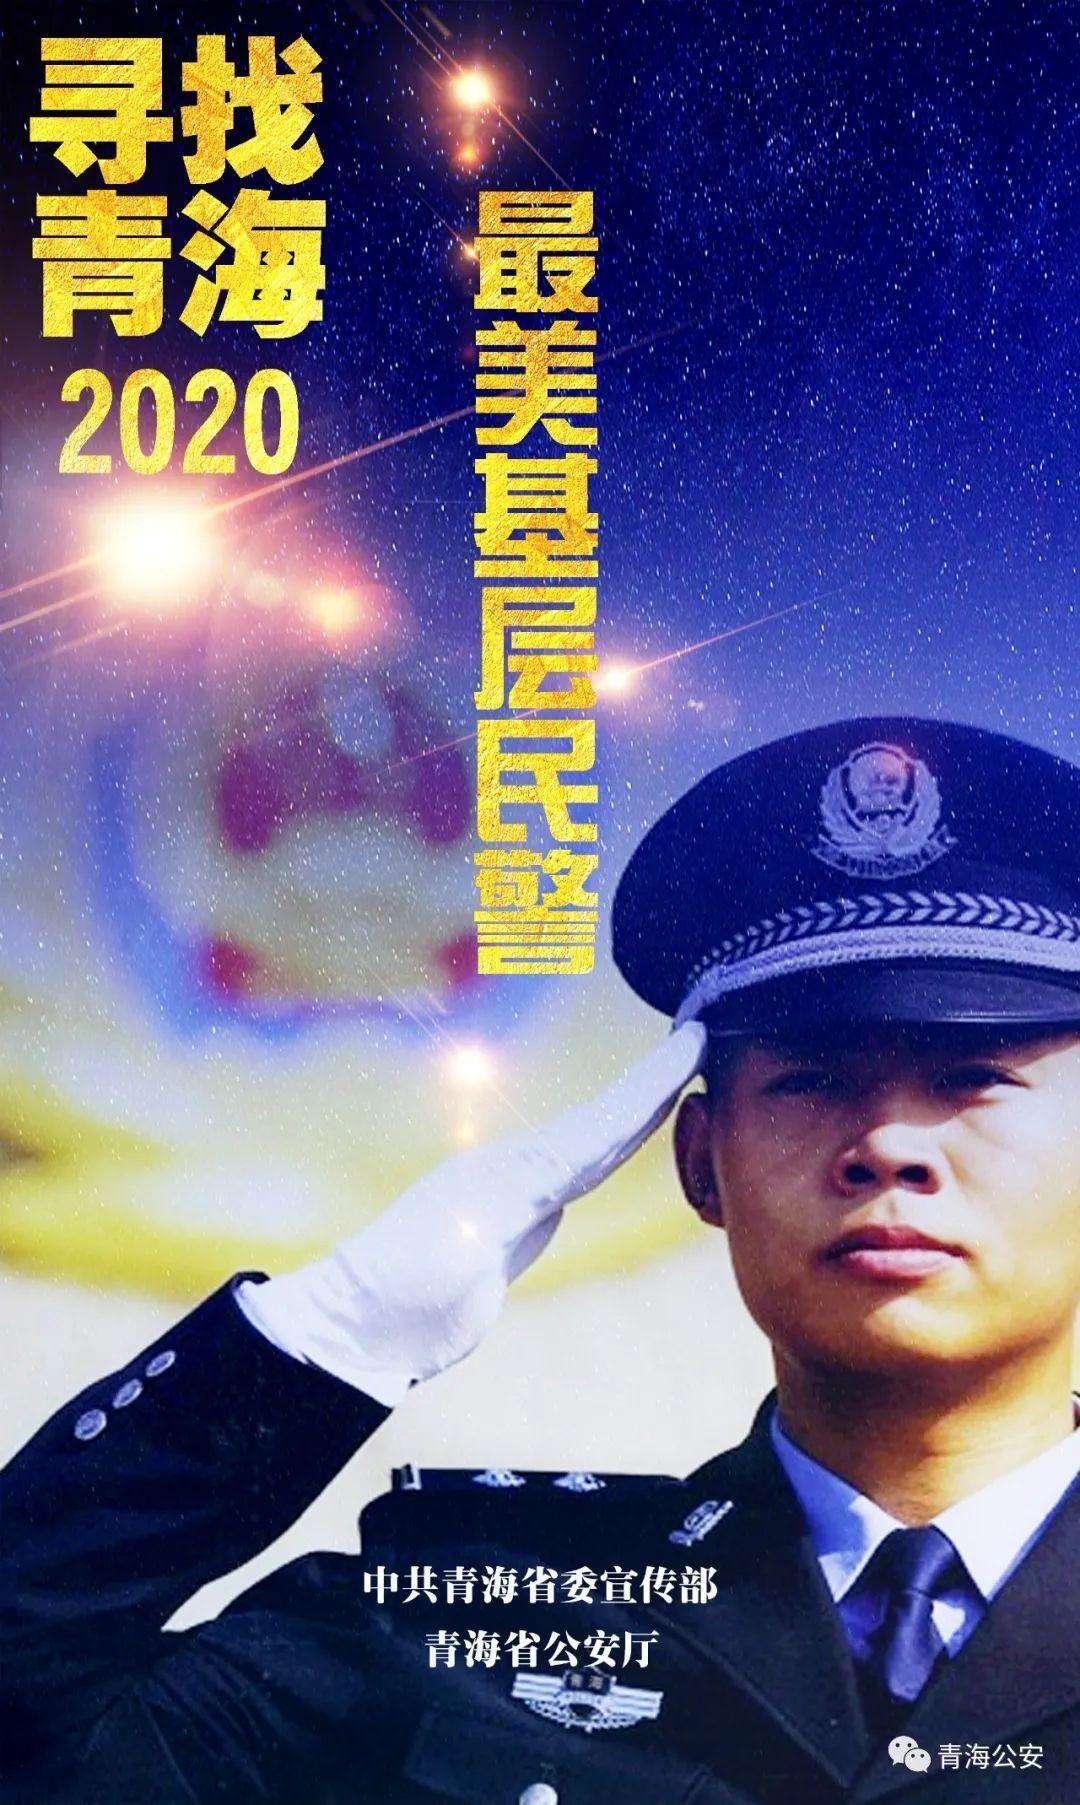 """2020寻找最美基层民警   内吉卓玛:天路上盛开的交通安全""""格桑花"""""""